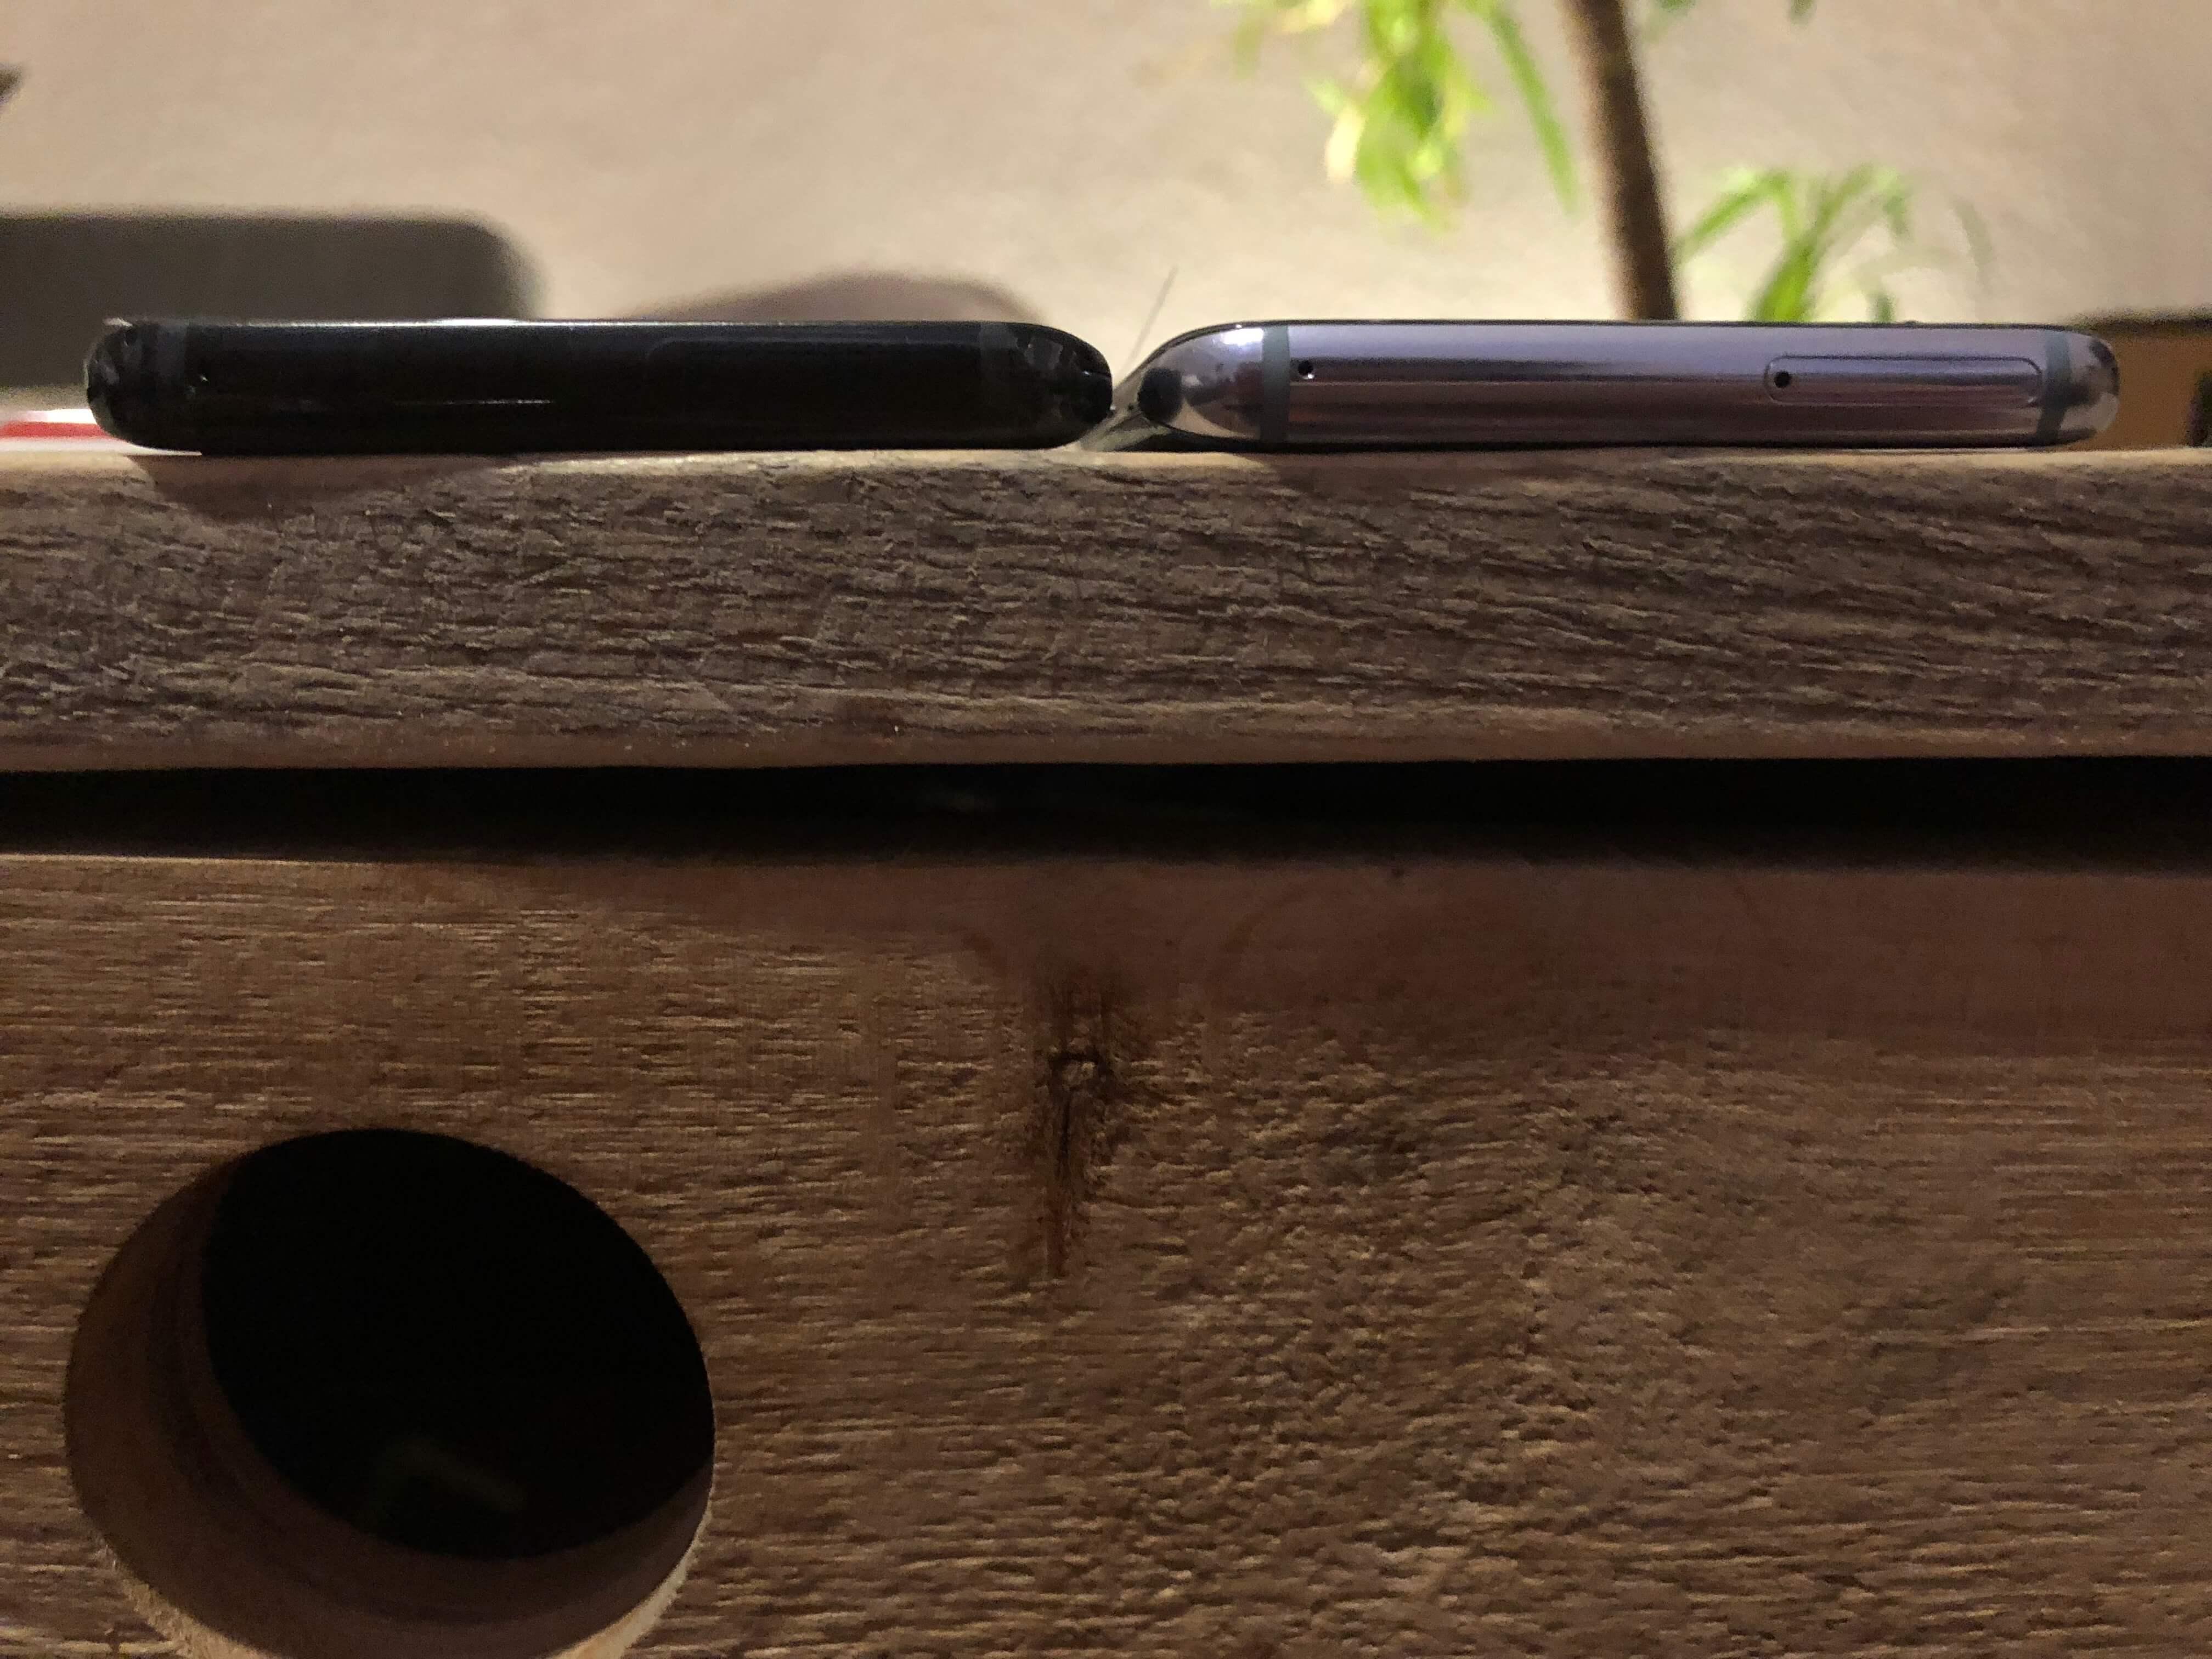 Samsung Galaxy S9 Test: Einfach besser 7 techboys.de • smarte News, auf den Punkt! Samsung Galaxy S9 Test: Einfach besser